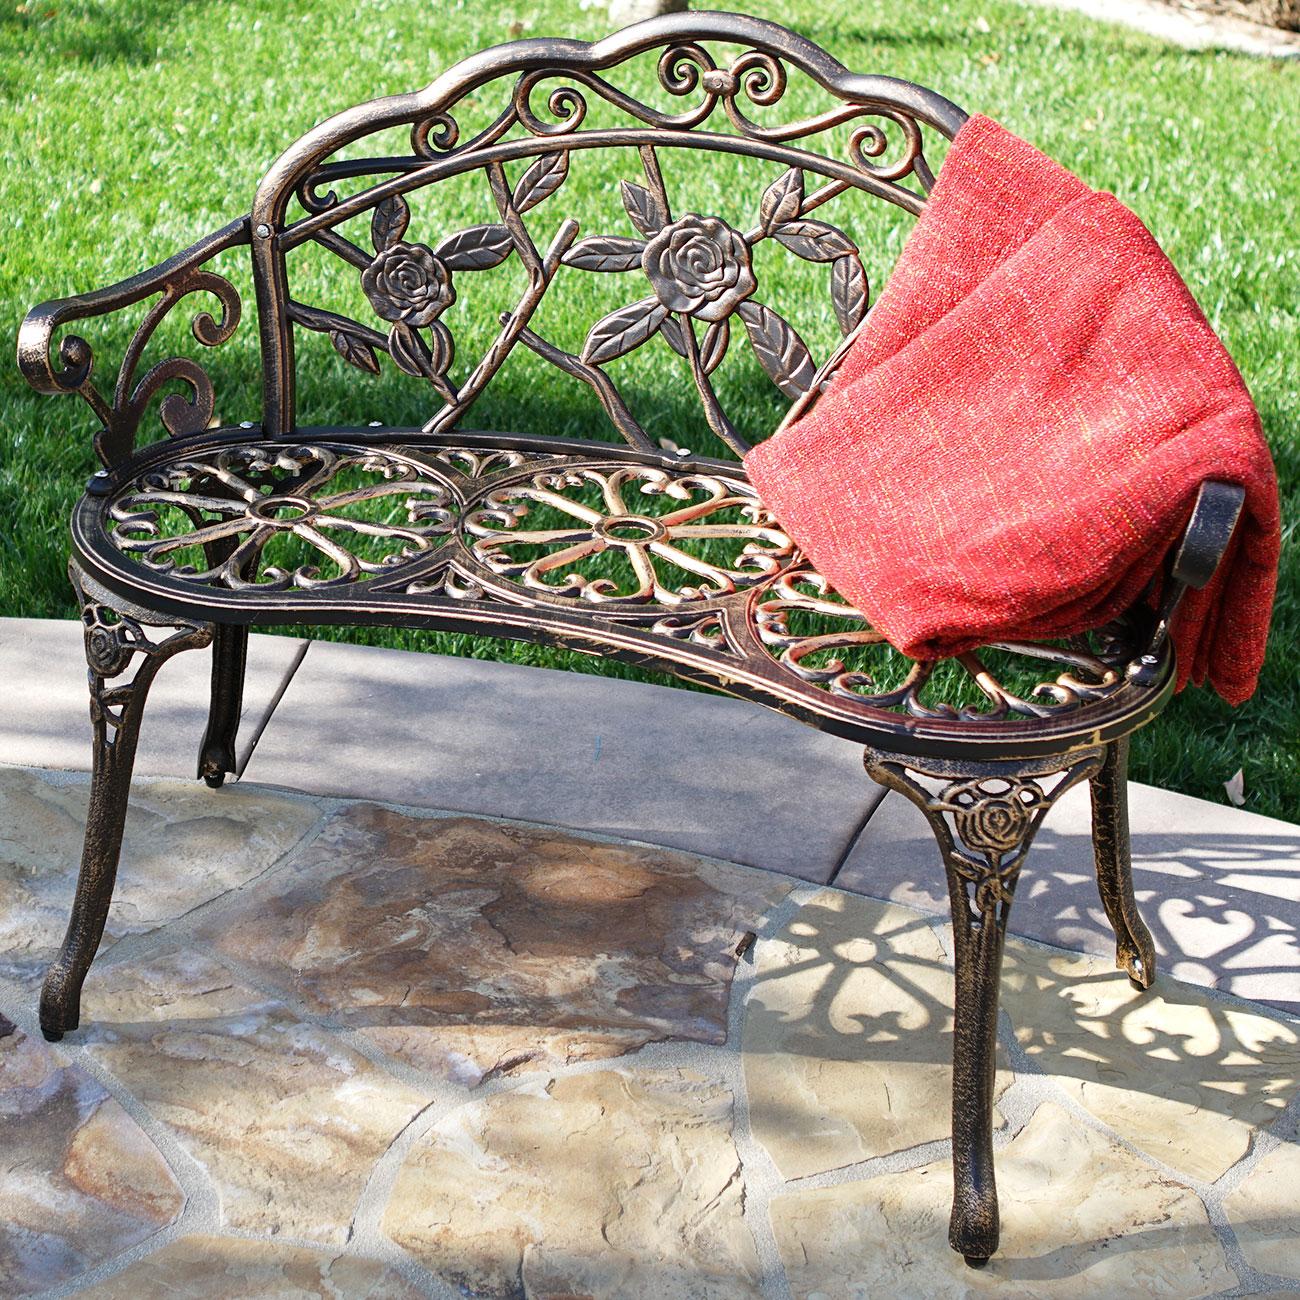 Antique Cast Iron Park Bench 28 Images Antique Cast Iron Park Bench Legs View Cast Iron Park